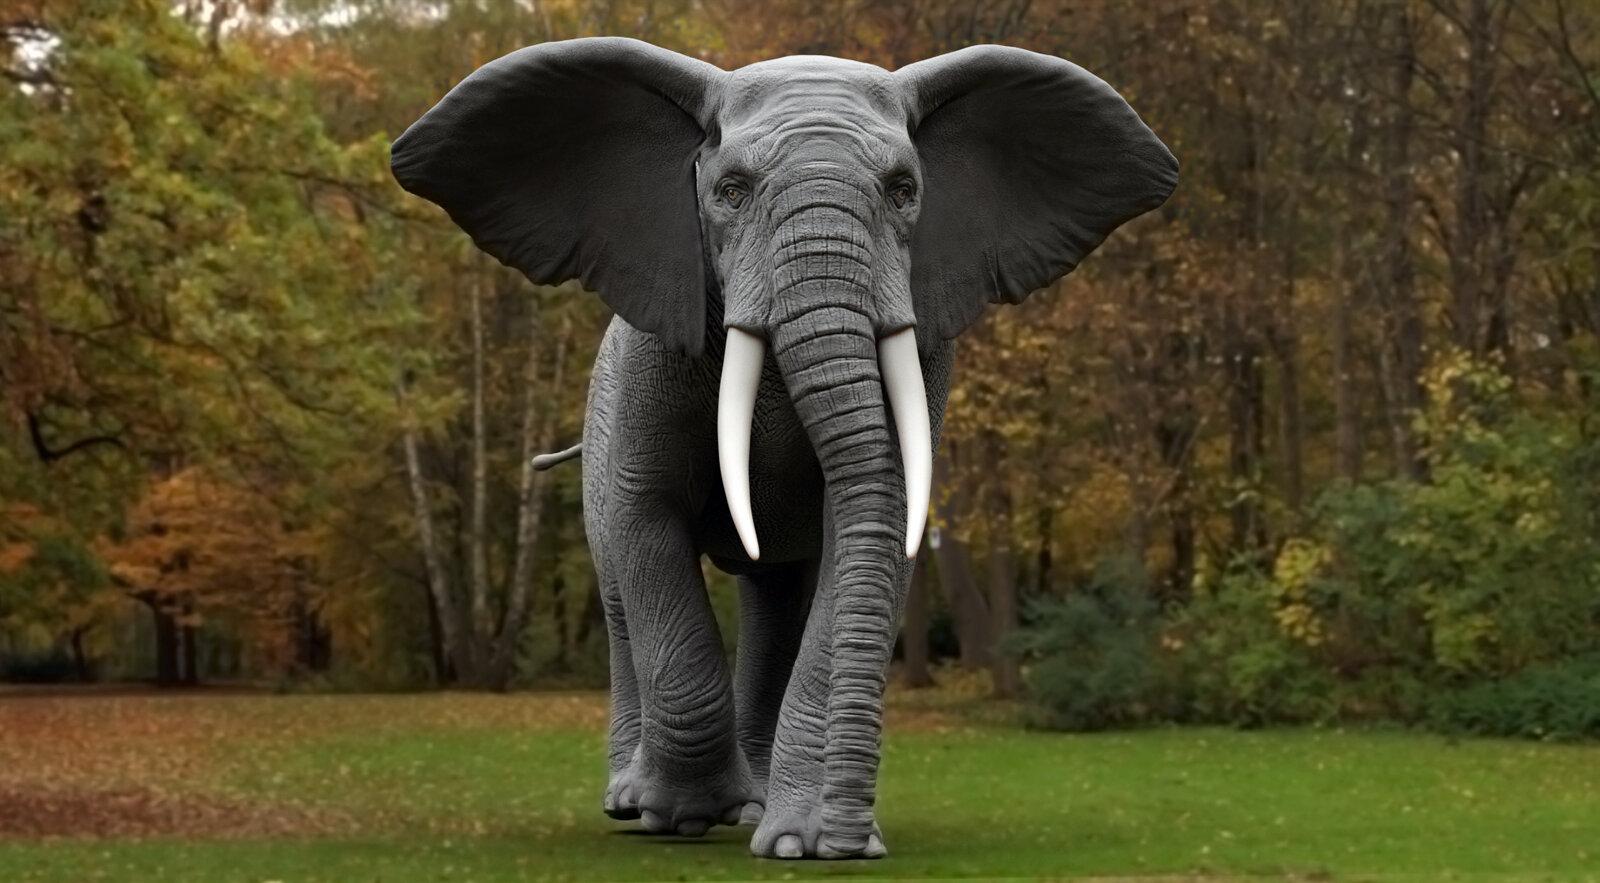 slon_elephant.jpg